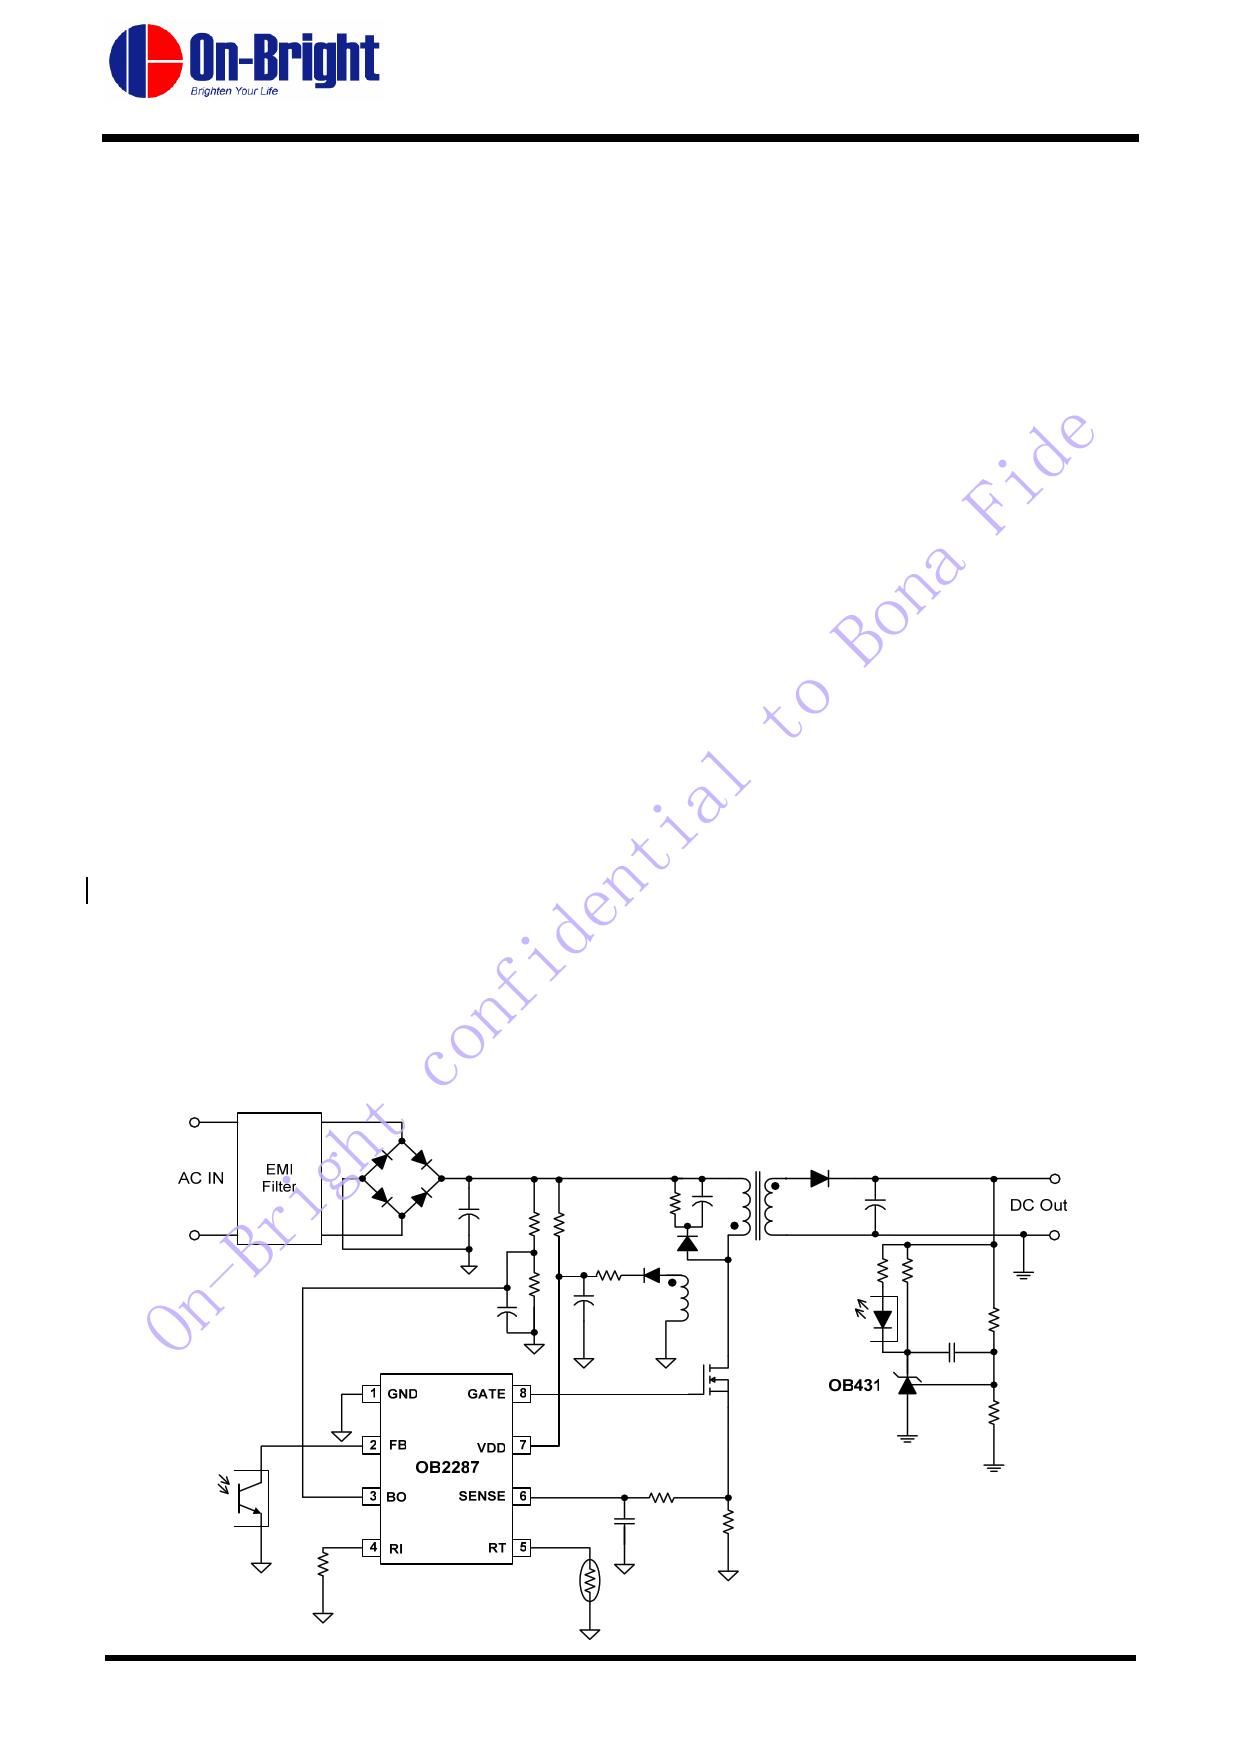 OB2287 datasheet